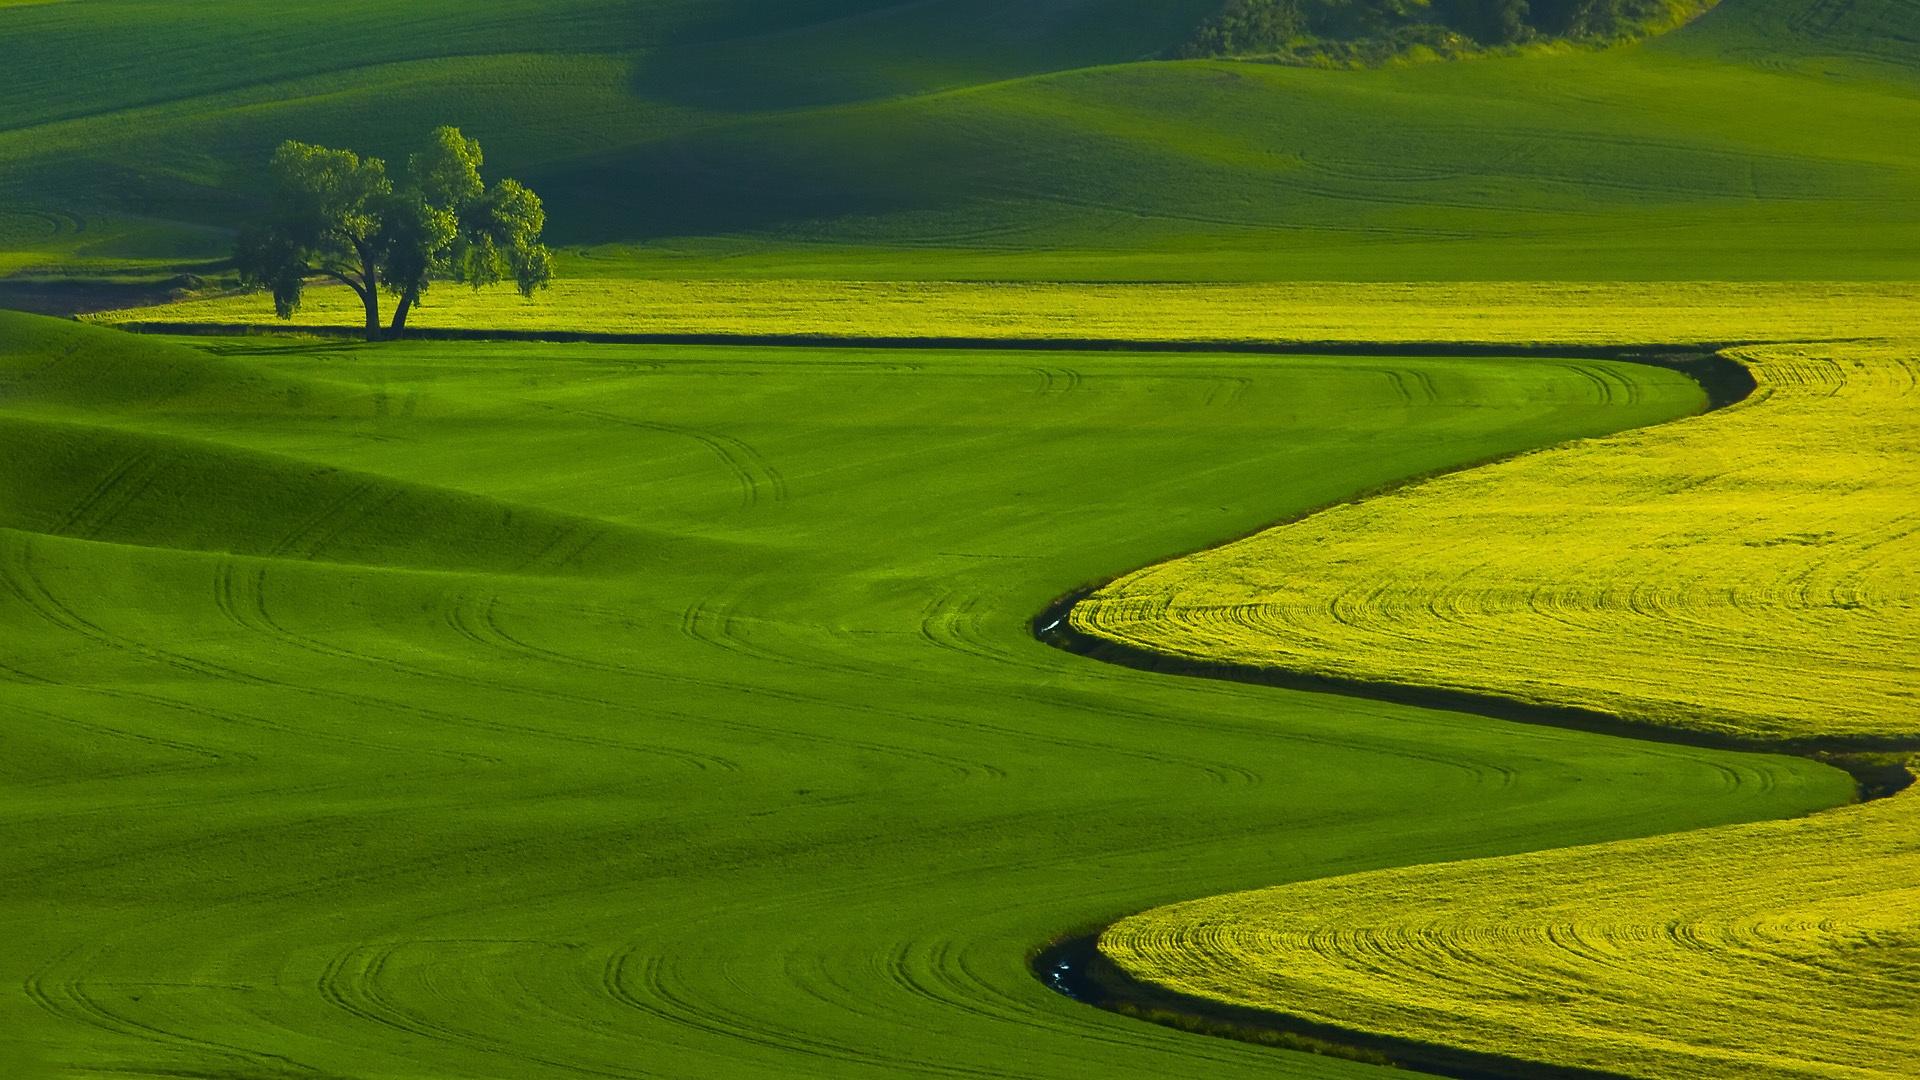 природа поле трава зеленая  № 610521 без смс